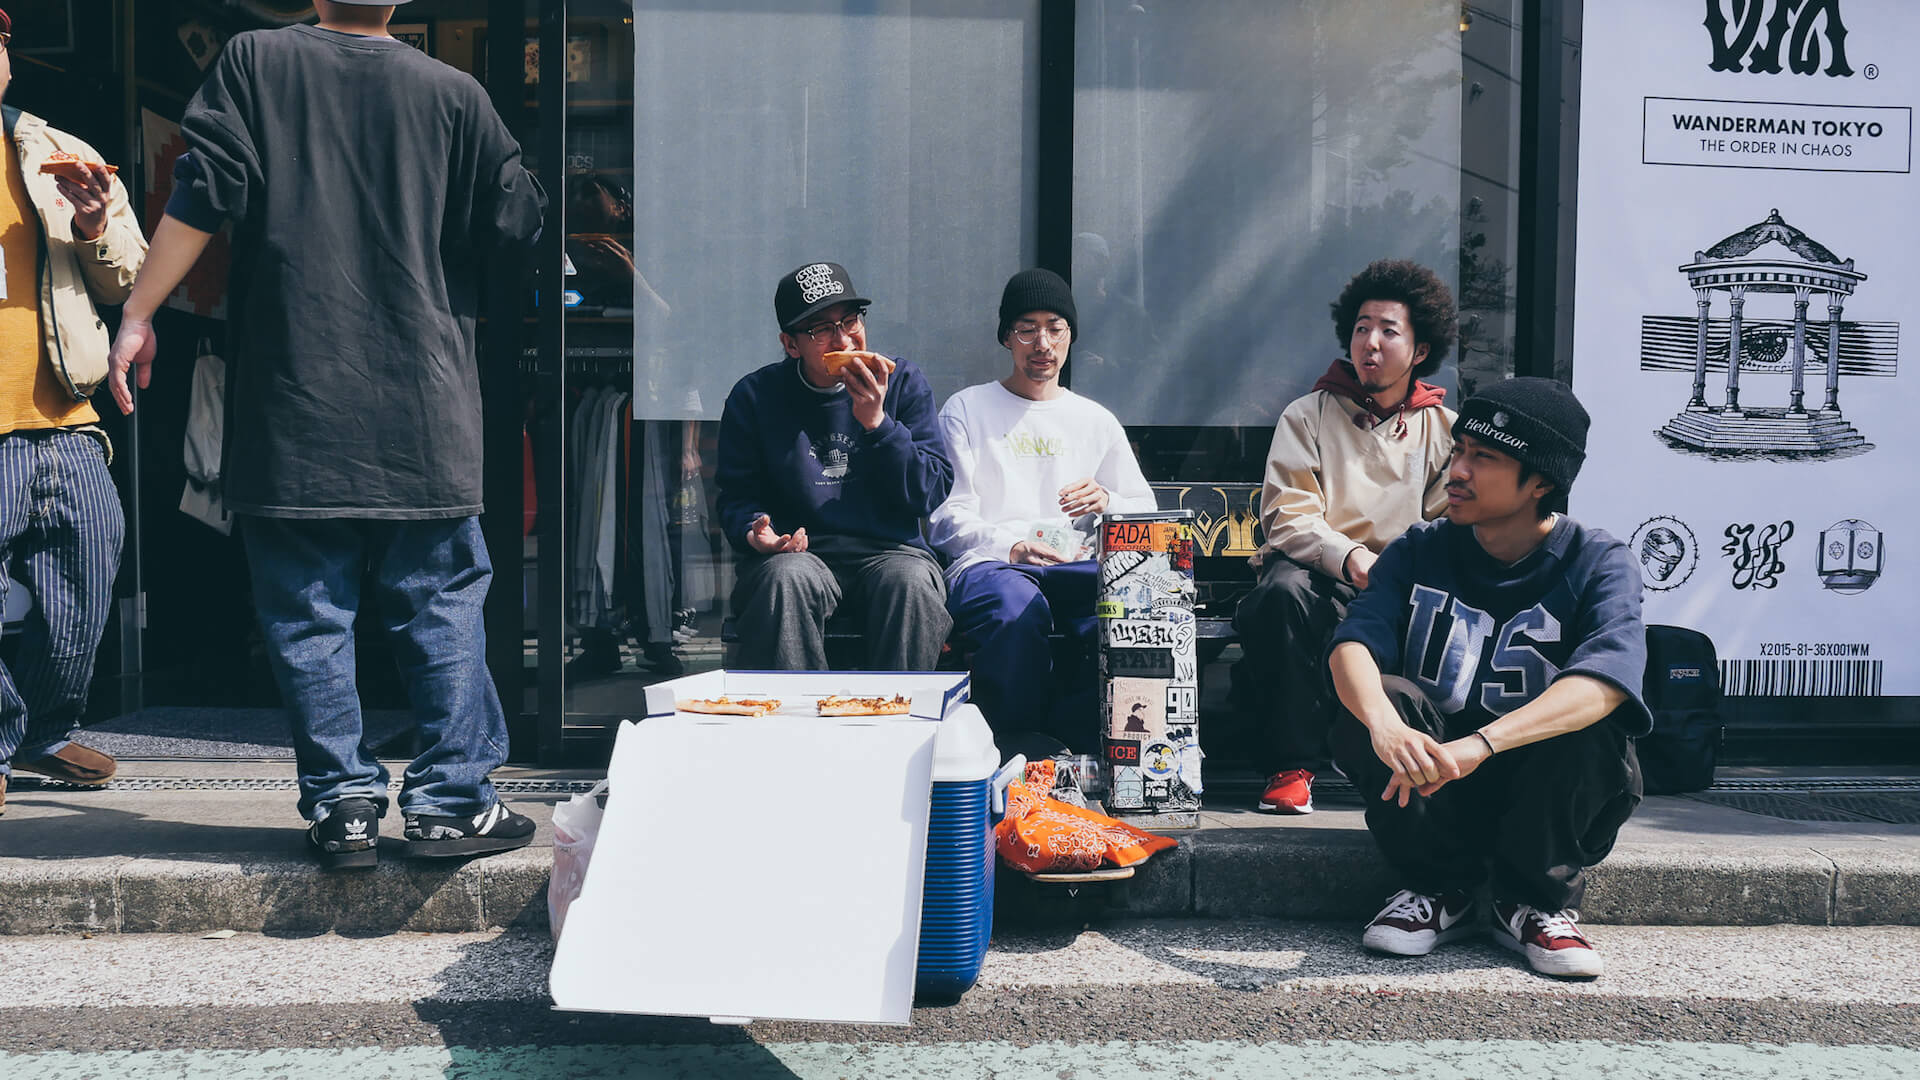 ビートは世界と出会う――BEAT MEETS WORLD x WANDERMAN POP UP in RAH YOKOHAMA REPORT interview-beat-meets-world-pop-up-report-2